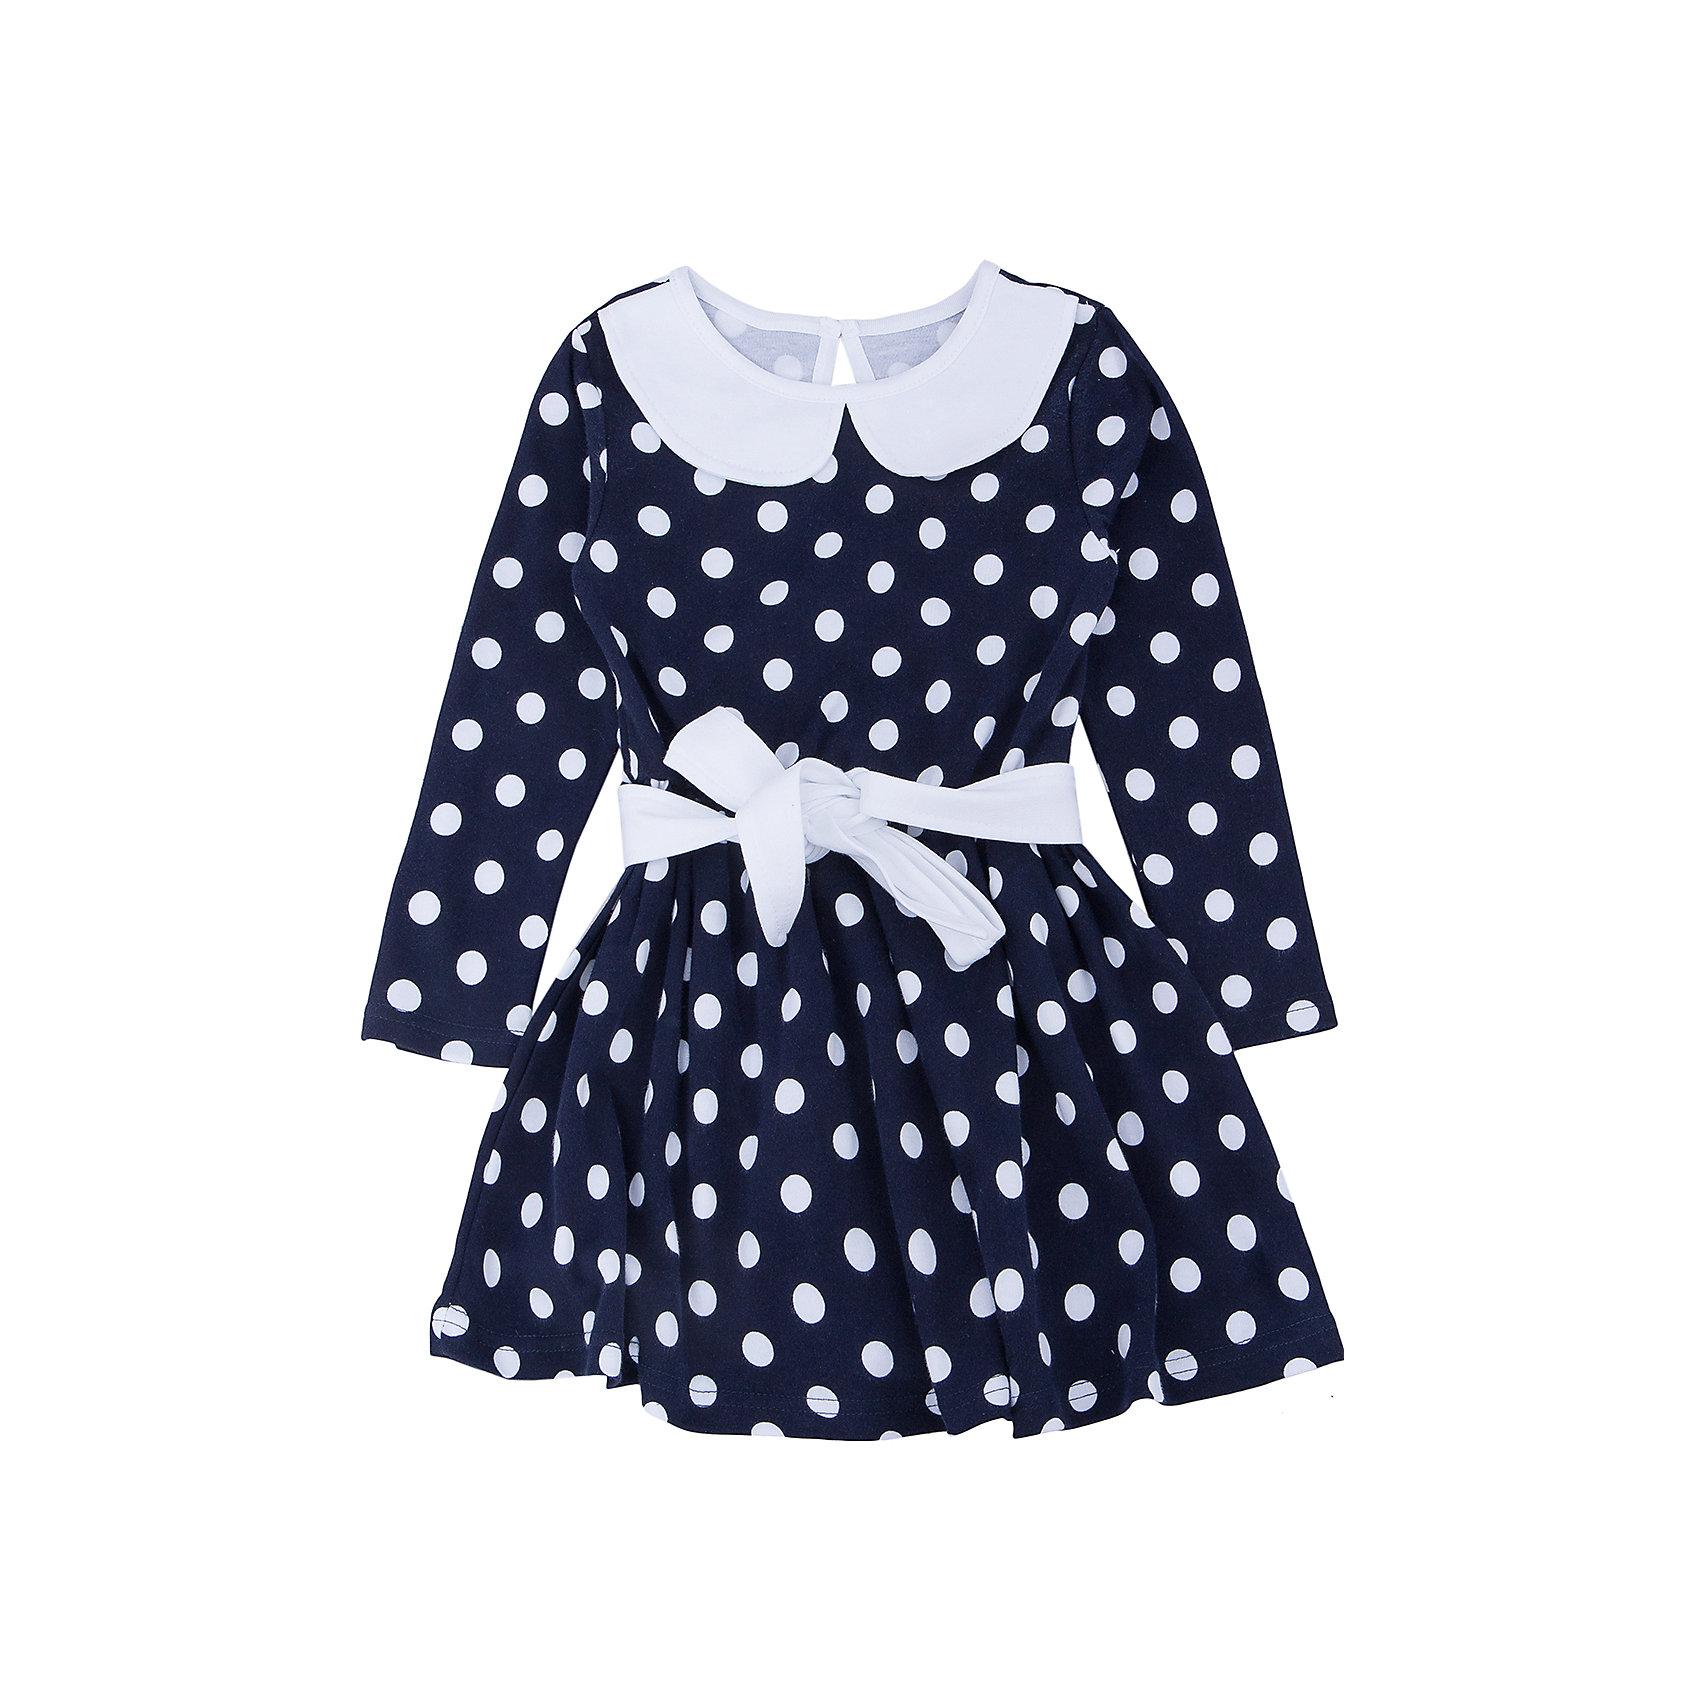 Платье для девочки АпрельПлатье для девочки Апрель.<br><br>Характеристики:<br>• состав: 100% хлопок<br>• цвет: синий/белый<br>• коллекция: Осенний блюз<br><br>Очаровательное платье Апрель из коллекции Осенний блюз имеет расширенный к низу силуэт и длинные рукава. Платье темного цвета в белый горох дополнено белым воротником и поясом. Сзади модель застегивается на пуговицу. Это платье отлично впишется в гардероб маленькой модницы!<br><br>Платье для девочки Апрель вы можете приобрести в нашем интернет-магазине.<br><br>Ширина мм: 236<br>Глубина мм: 16<br>Высота мм: 184<br>Вес г: 177<br>Цвет: синий/белый<br>Возраст от месяцев: 36<br>Возраст до месяцев: 48<br>Пол: Женский<br>Возраст: Детский<br>Размер: 104<br>SKU: 4936994